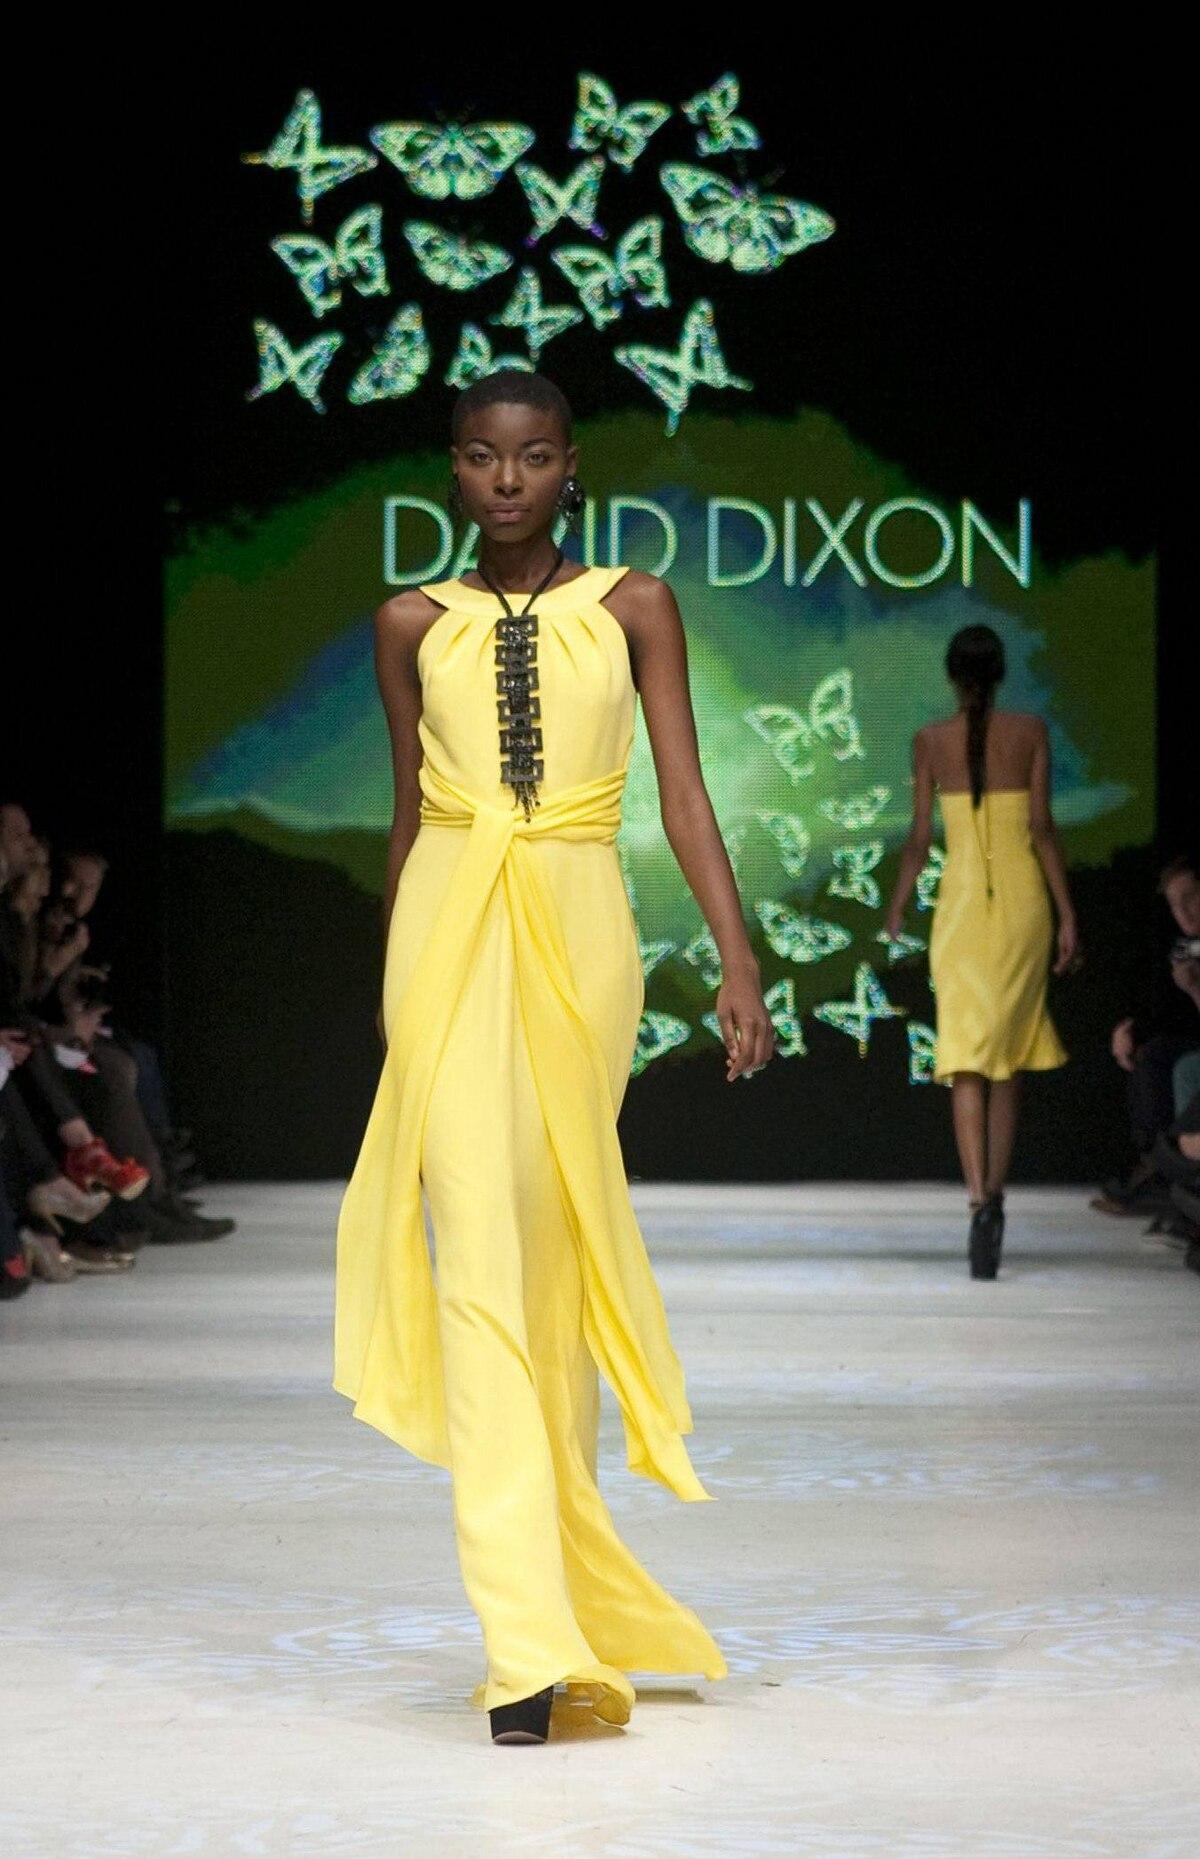 David Dixon: Not-so-mellow yellow.